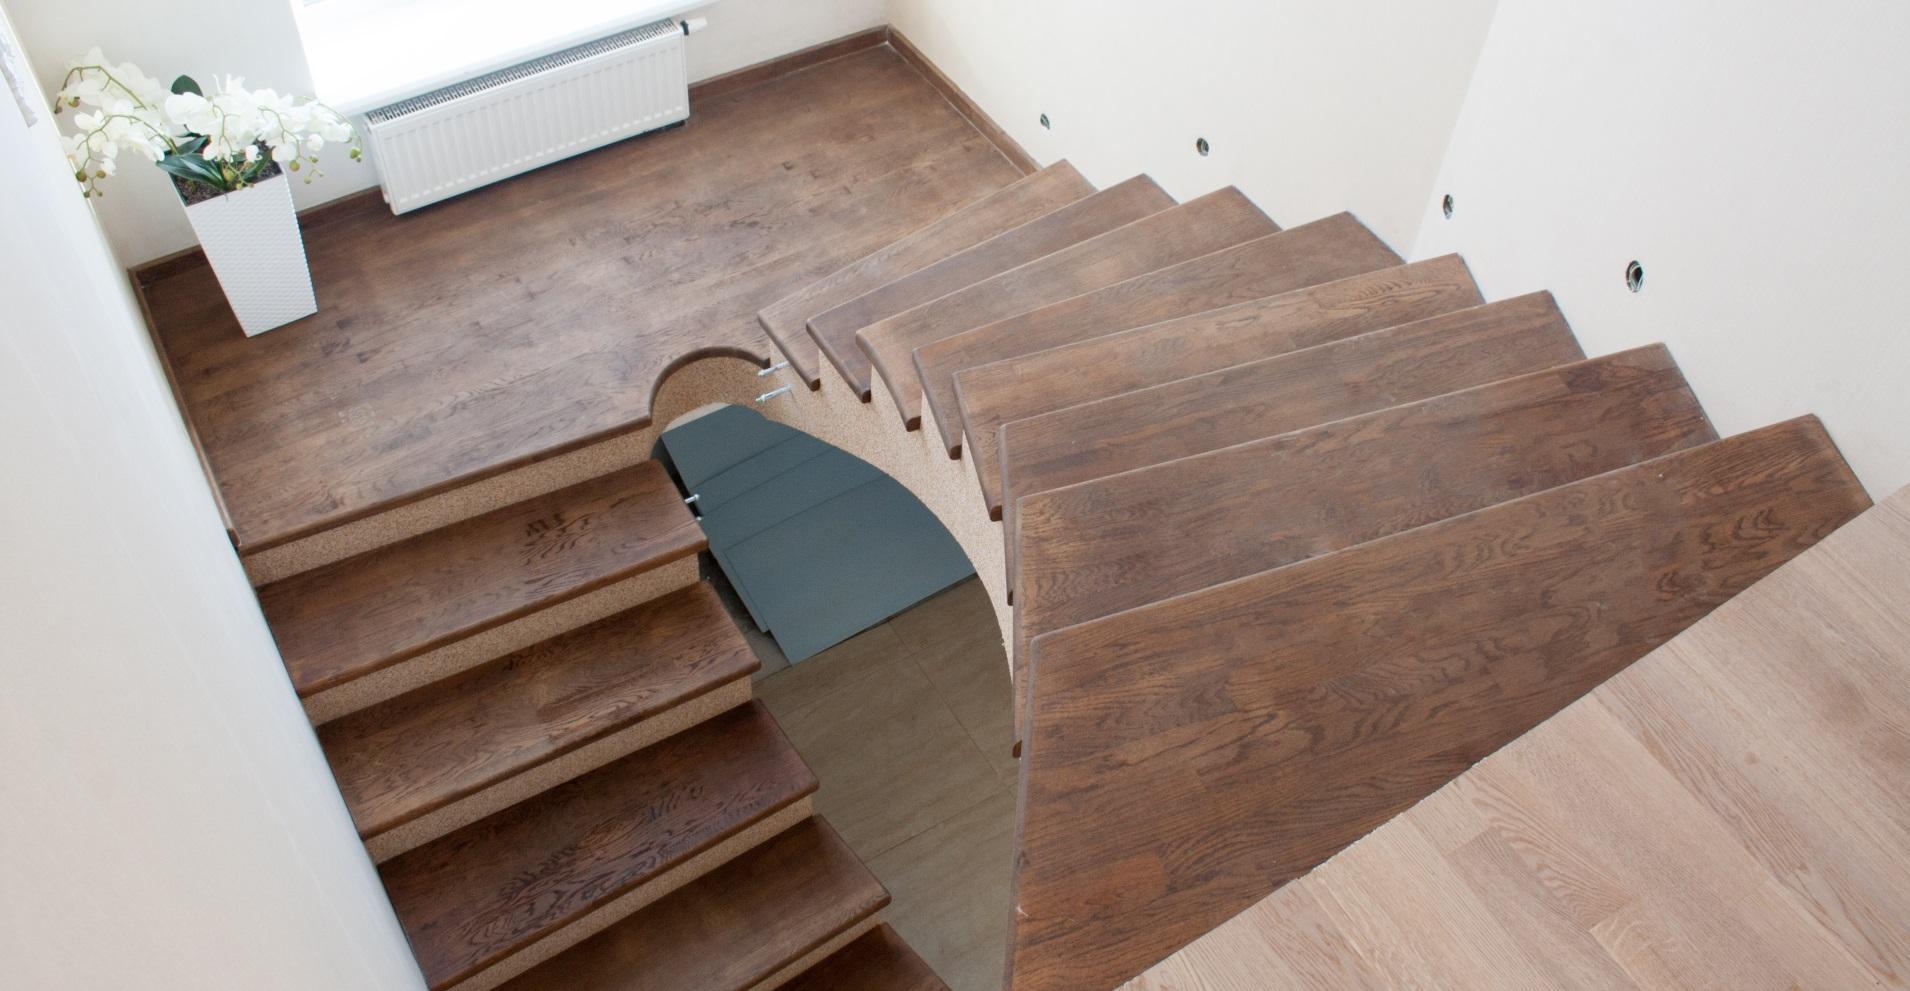 схема изготовления спортивной лестницы